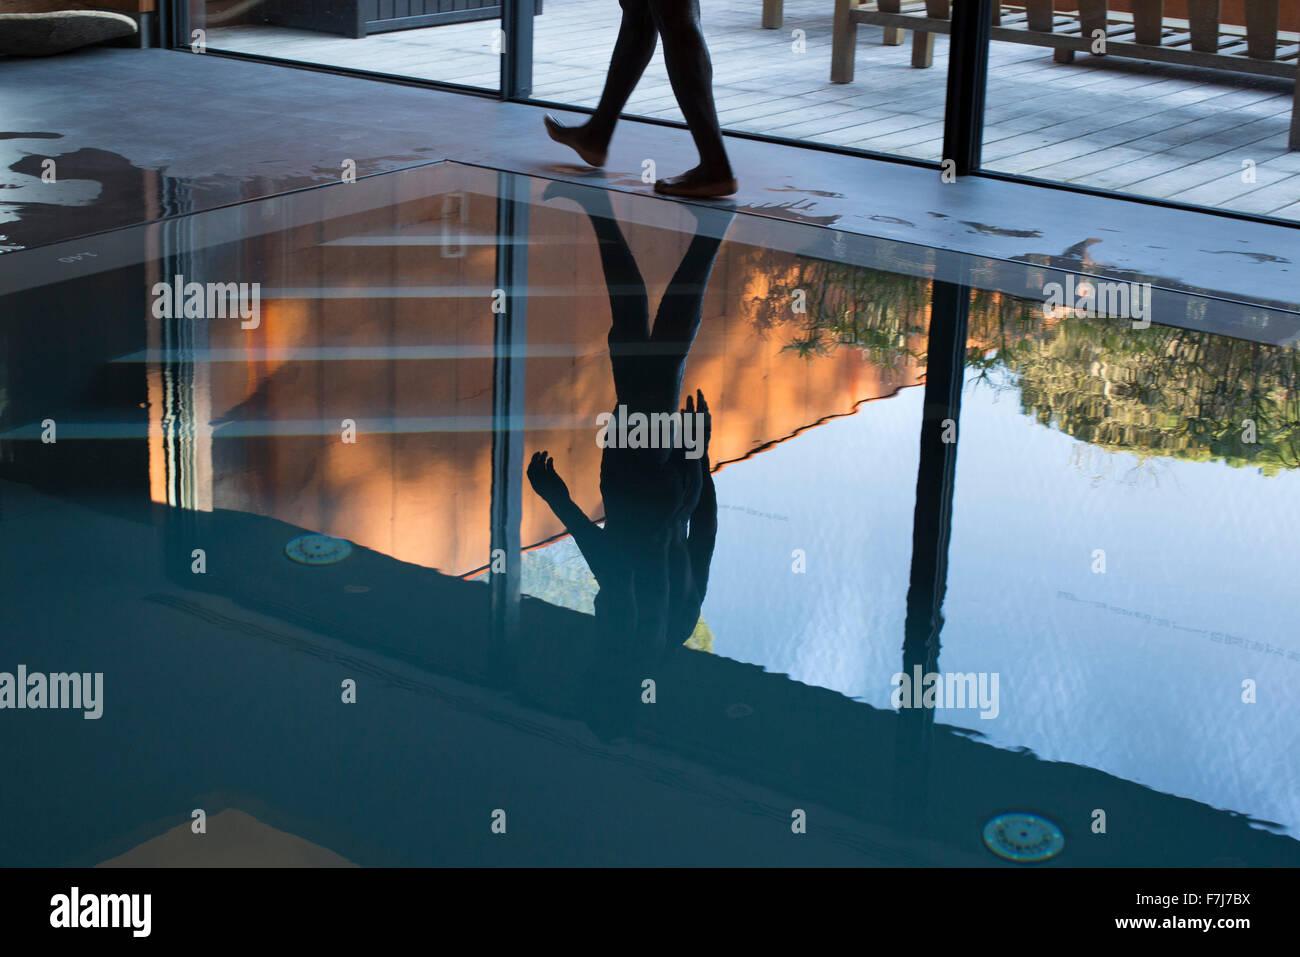 Hombre caminando al lado de la piscina, reflejado en el agua Imagen De Stock